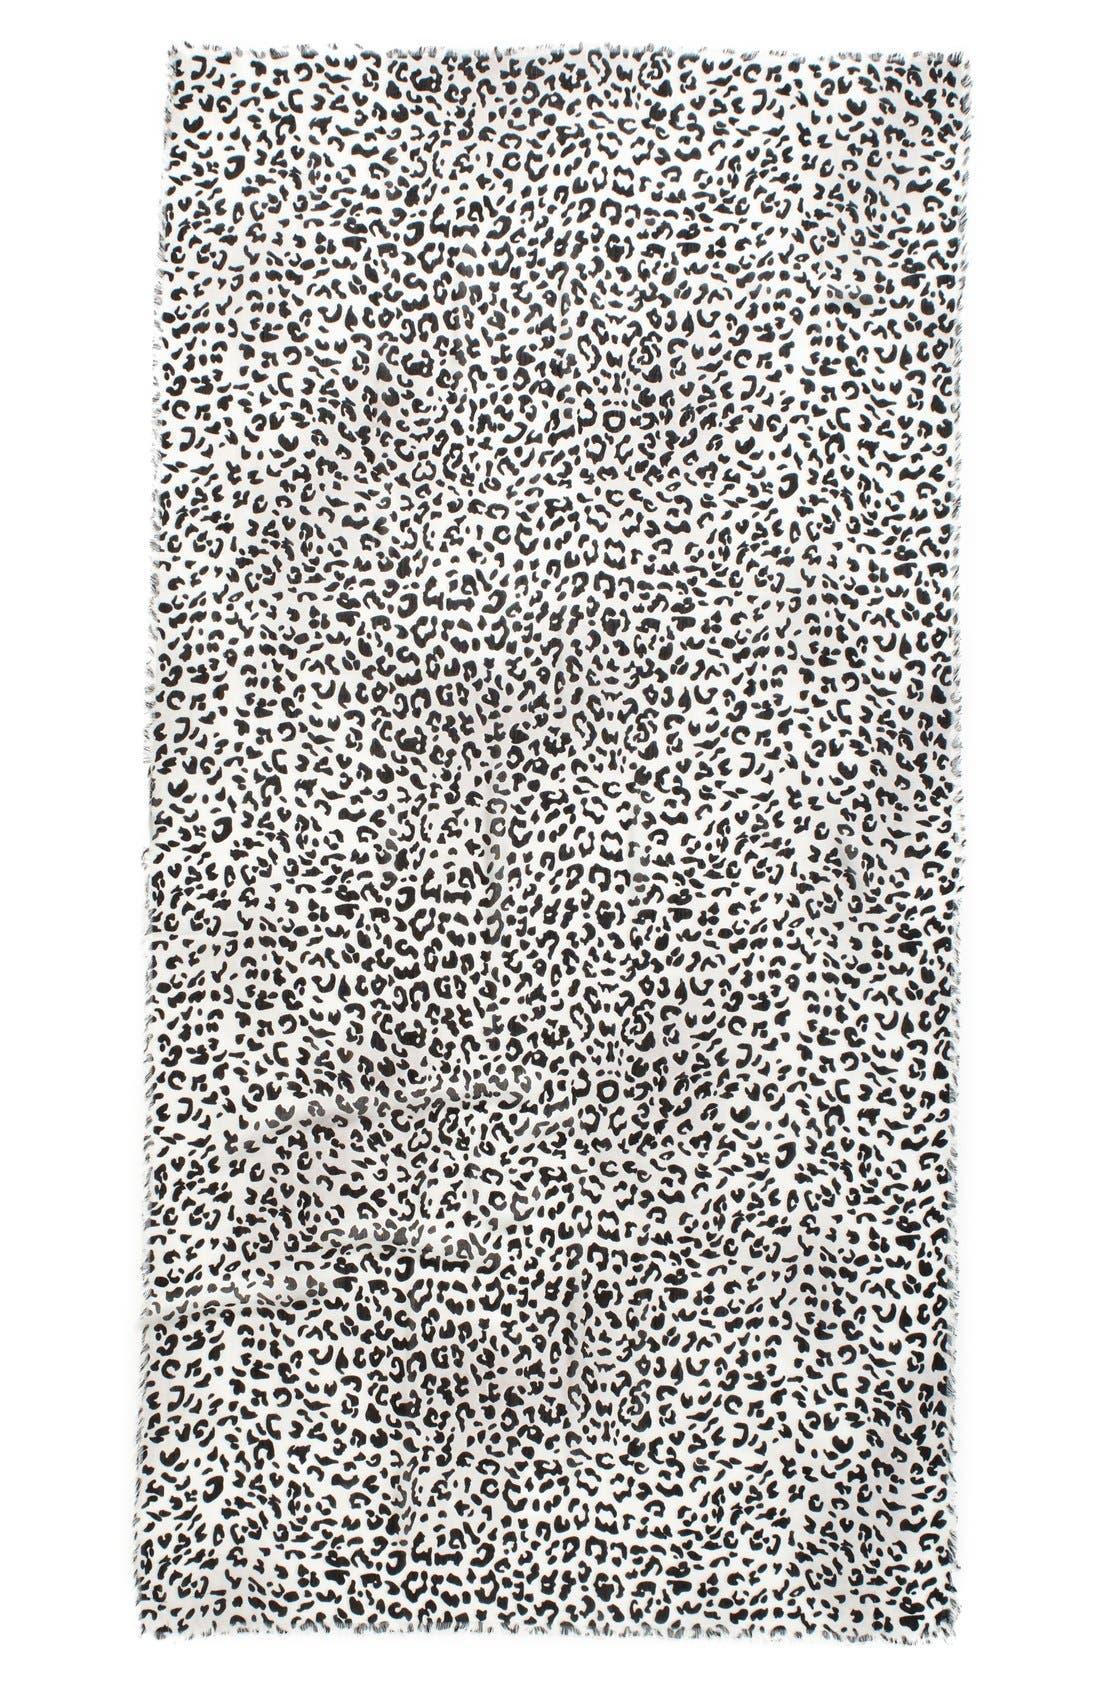 Leopard Print Wrap,                             Alternate thumbnail 4, color,                             001